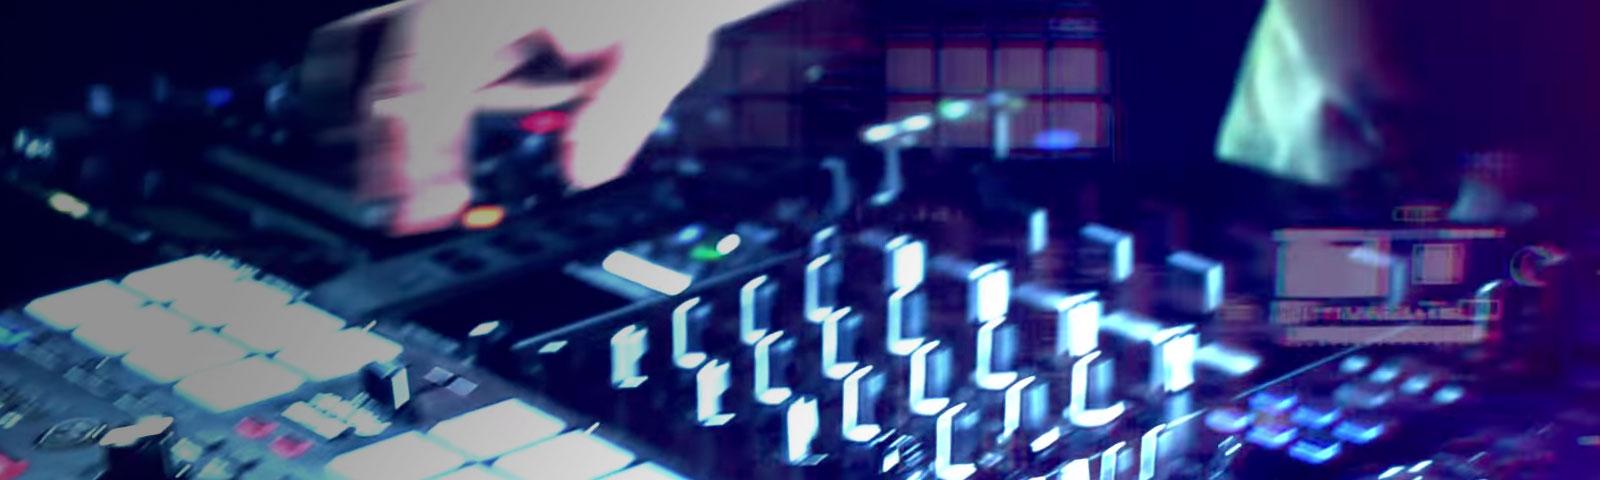 DJM-900SRT header